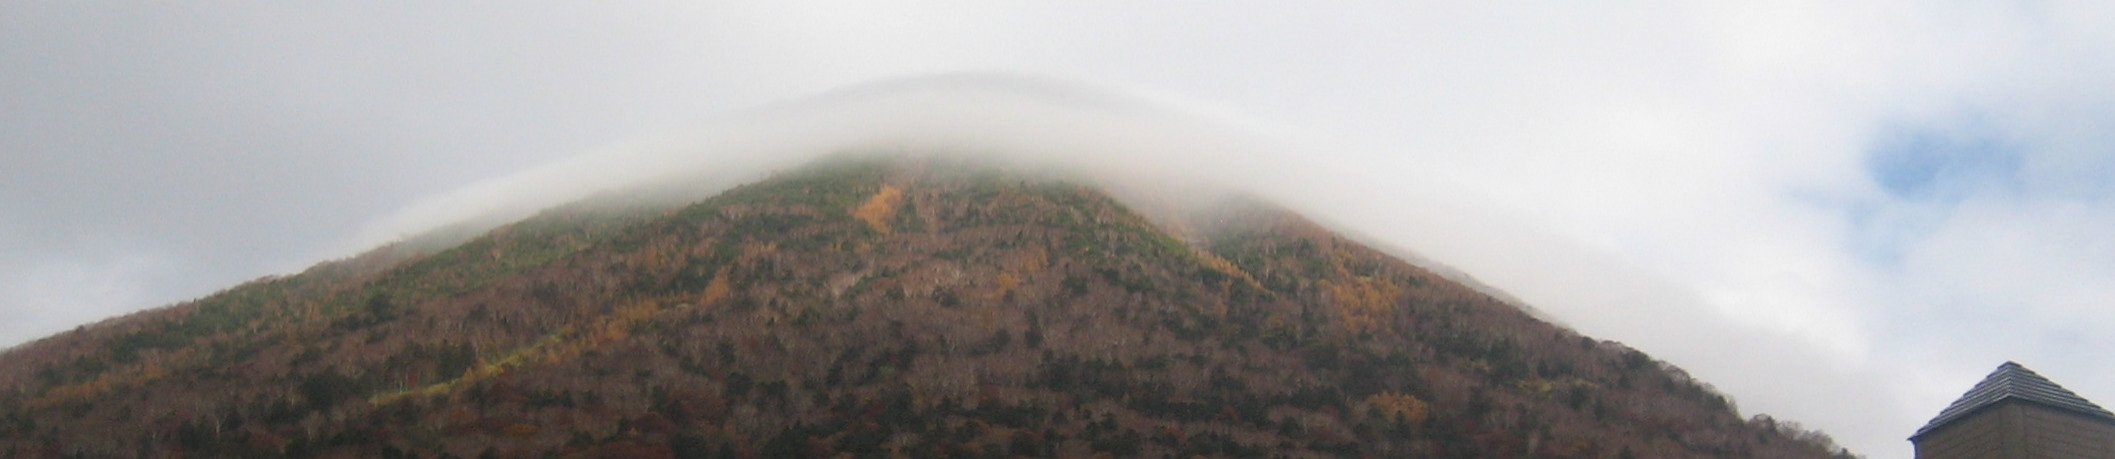 日光 banner image